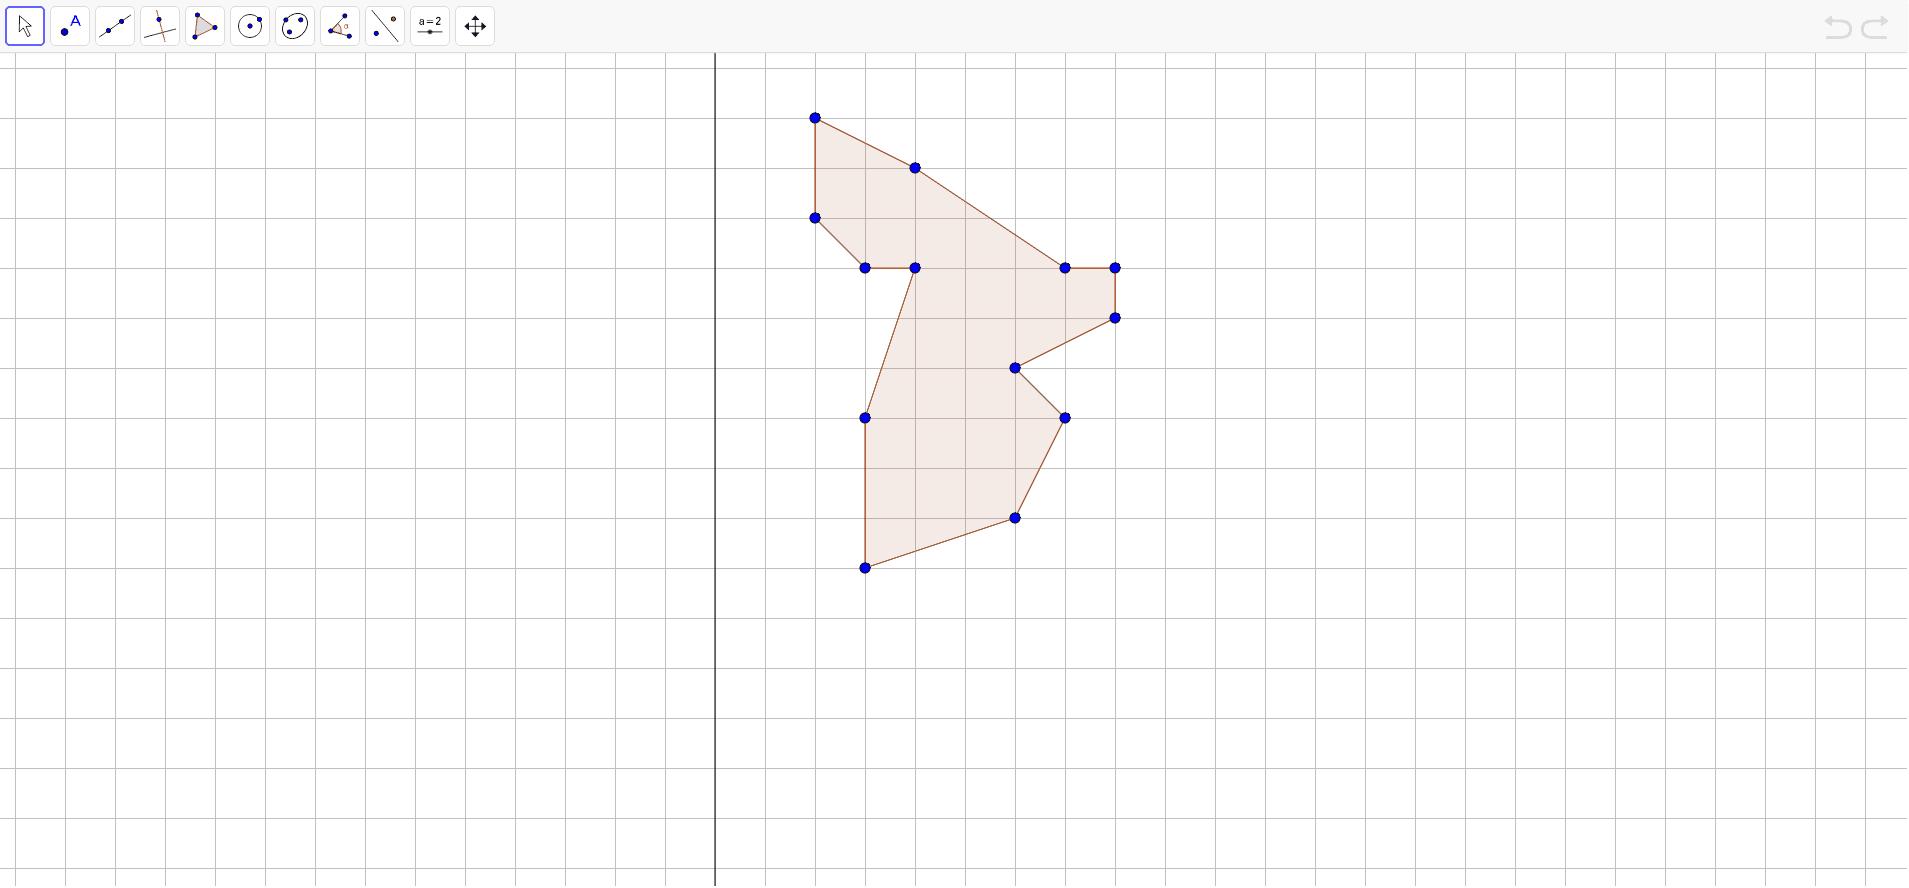 """Reflektirati točke u odnosu na pravac, povezati u mnogokut te točnost rješenja provjeriti upotrebom """"reflect about line"""" alatom.  Press Enter to start activity"""